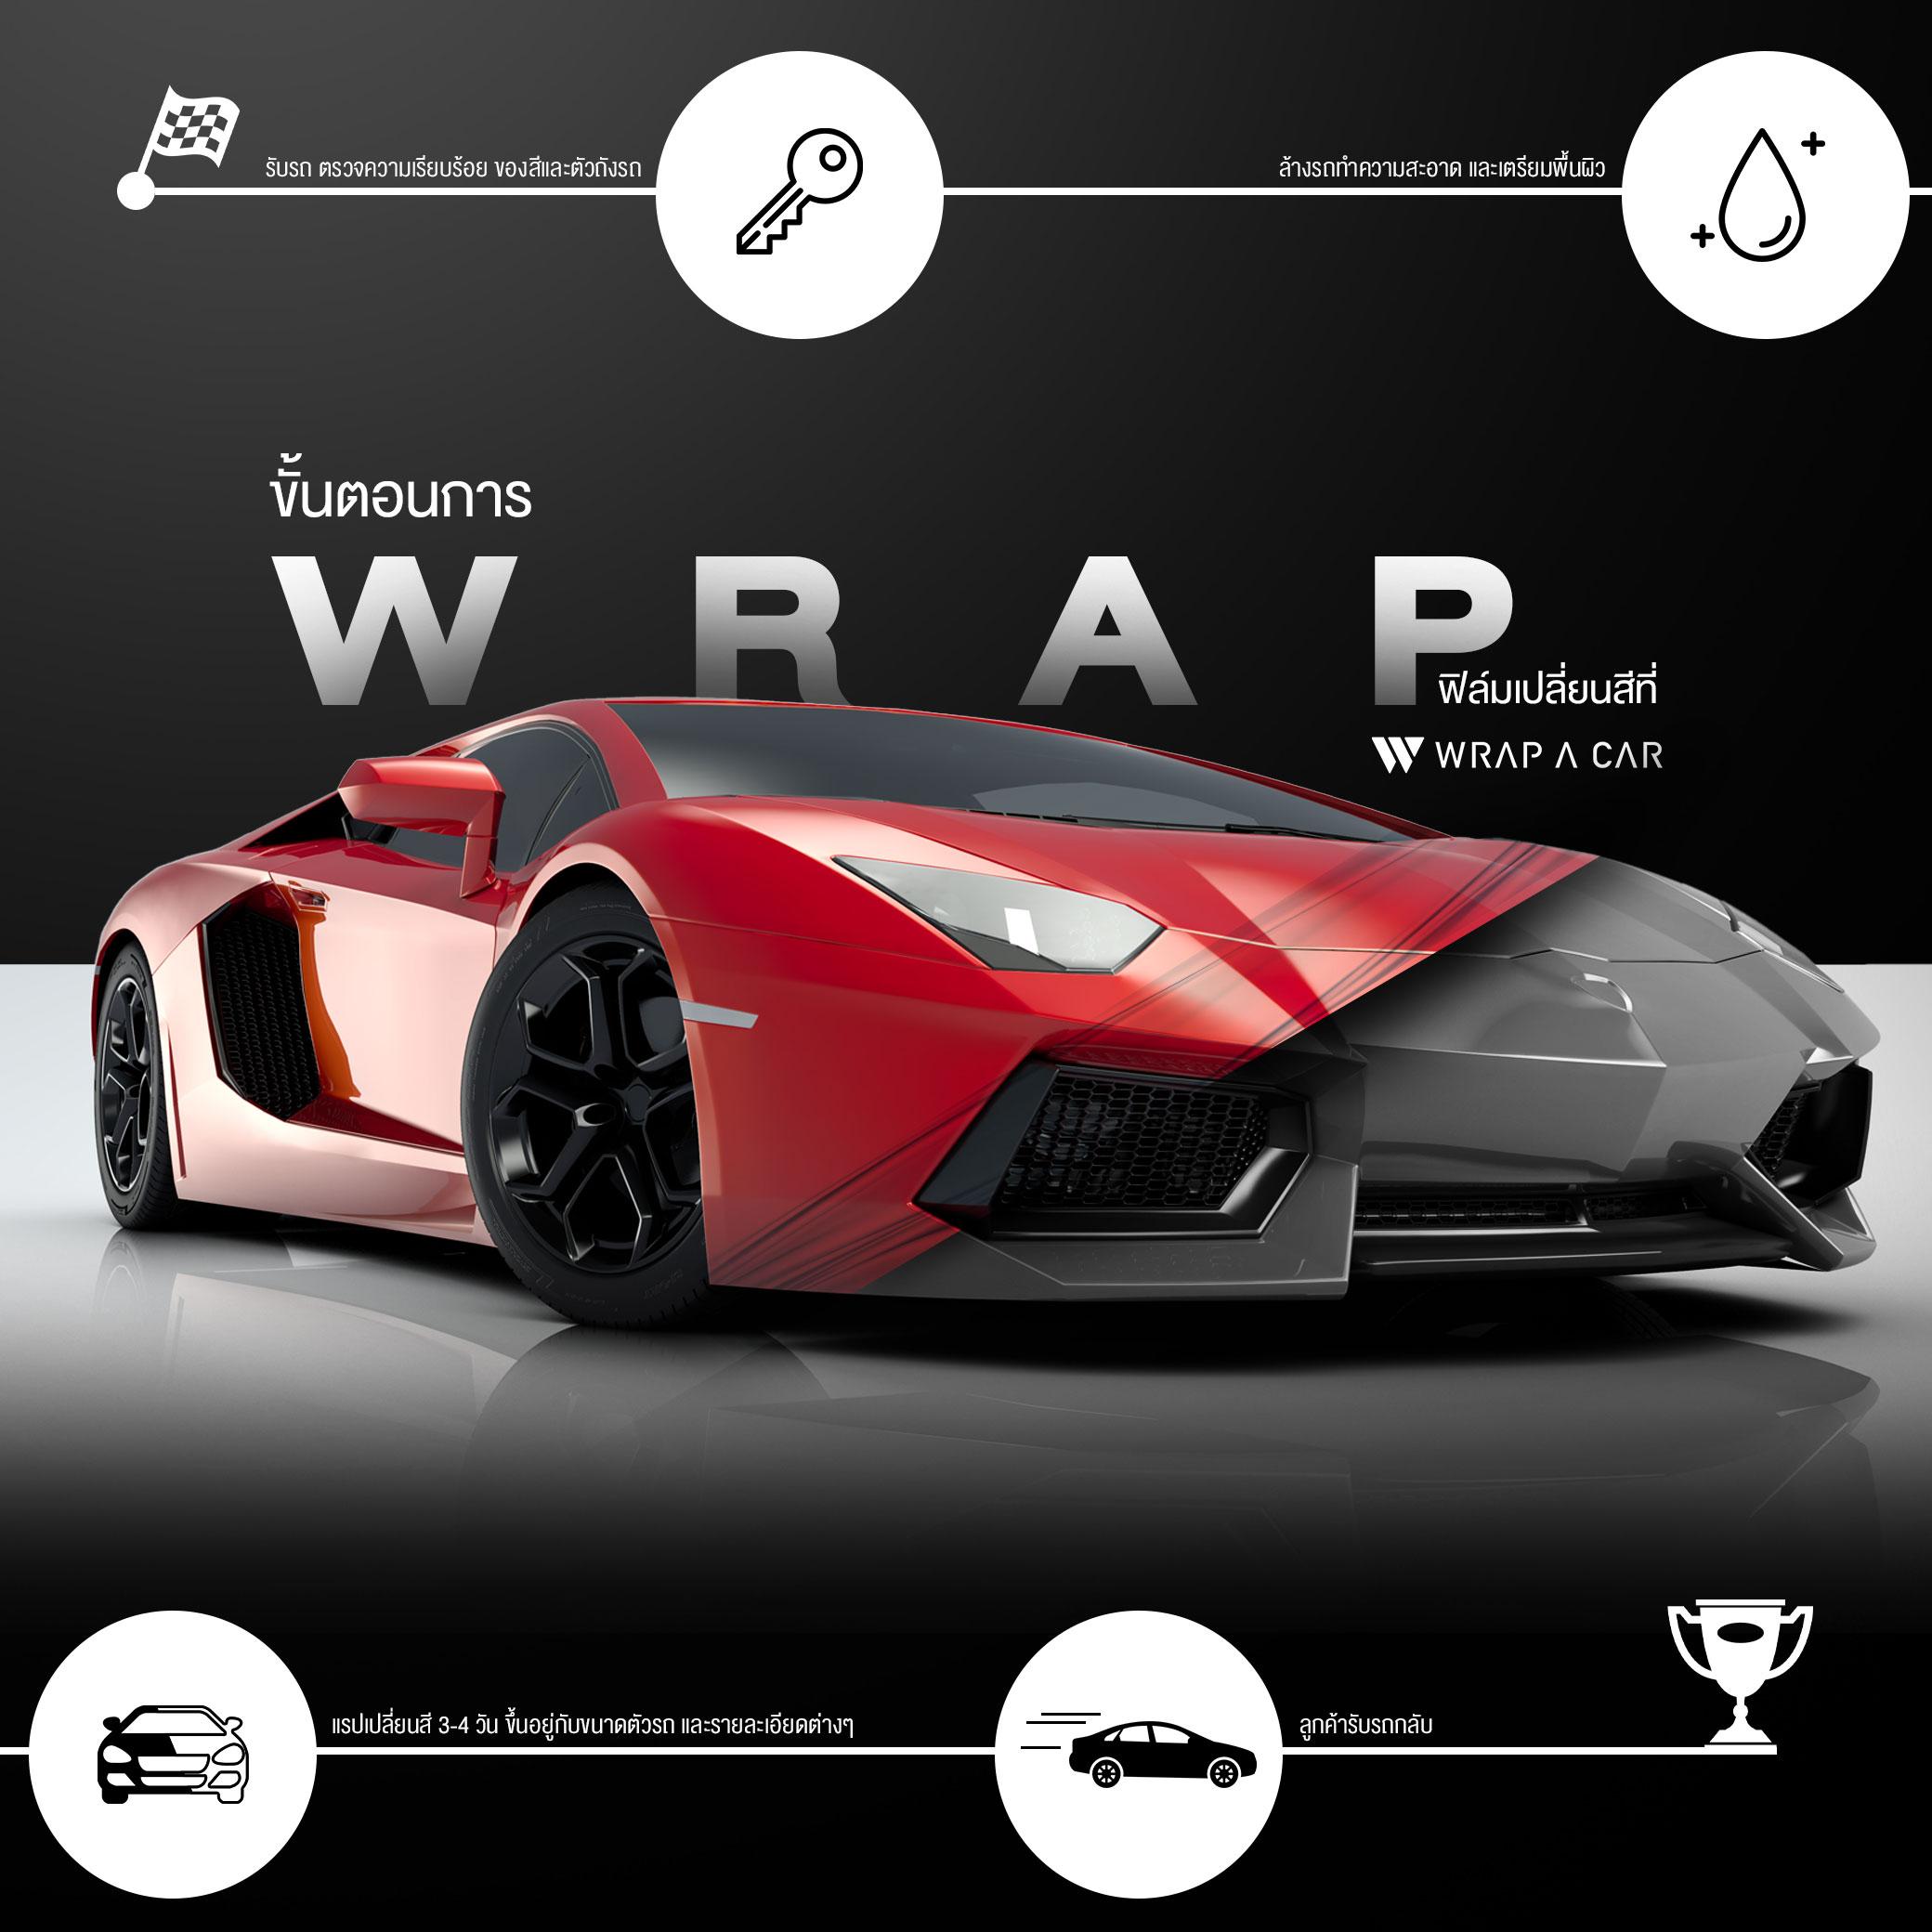 ขั้นตอนการแรปเปลี่ยนสี WRAP A CAR